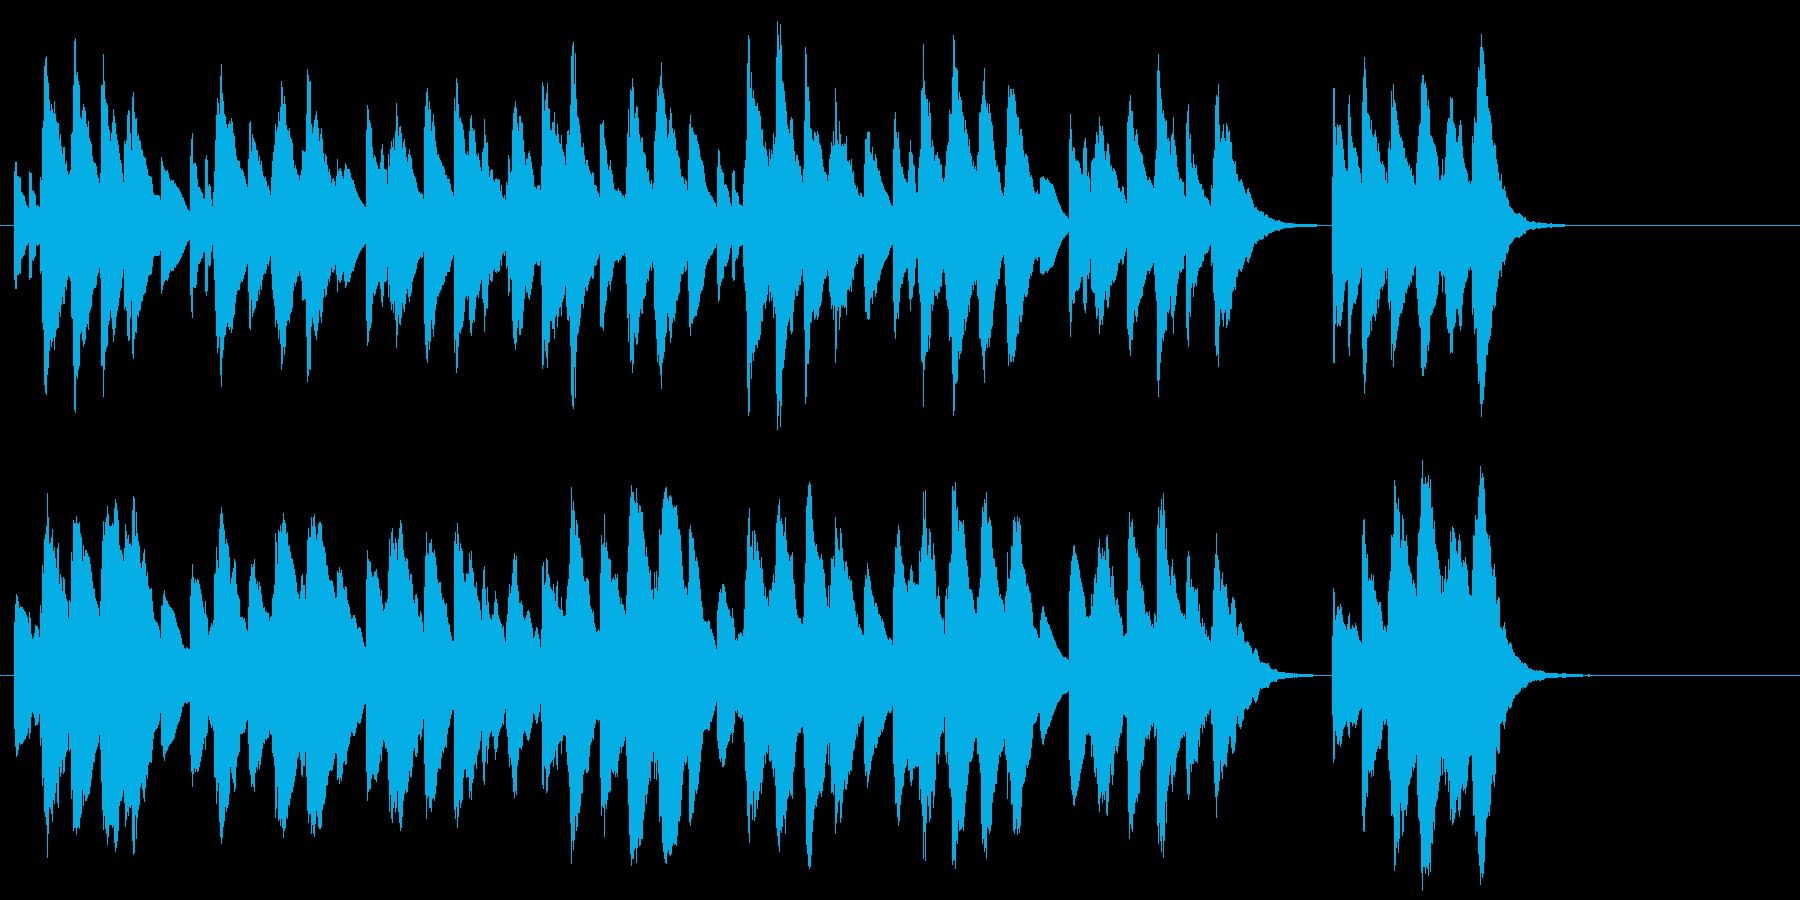 かわいいオルゴール風のハッピバースデーの再生済みの波形